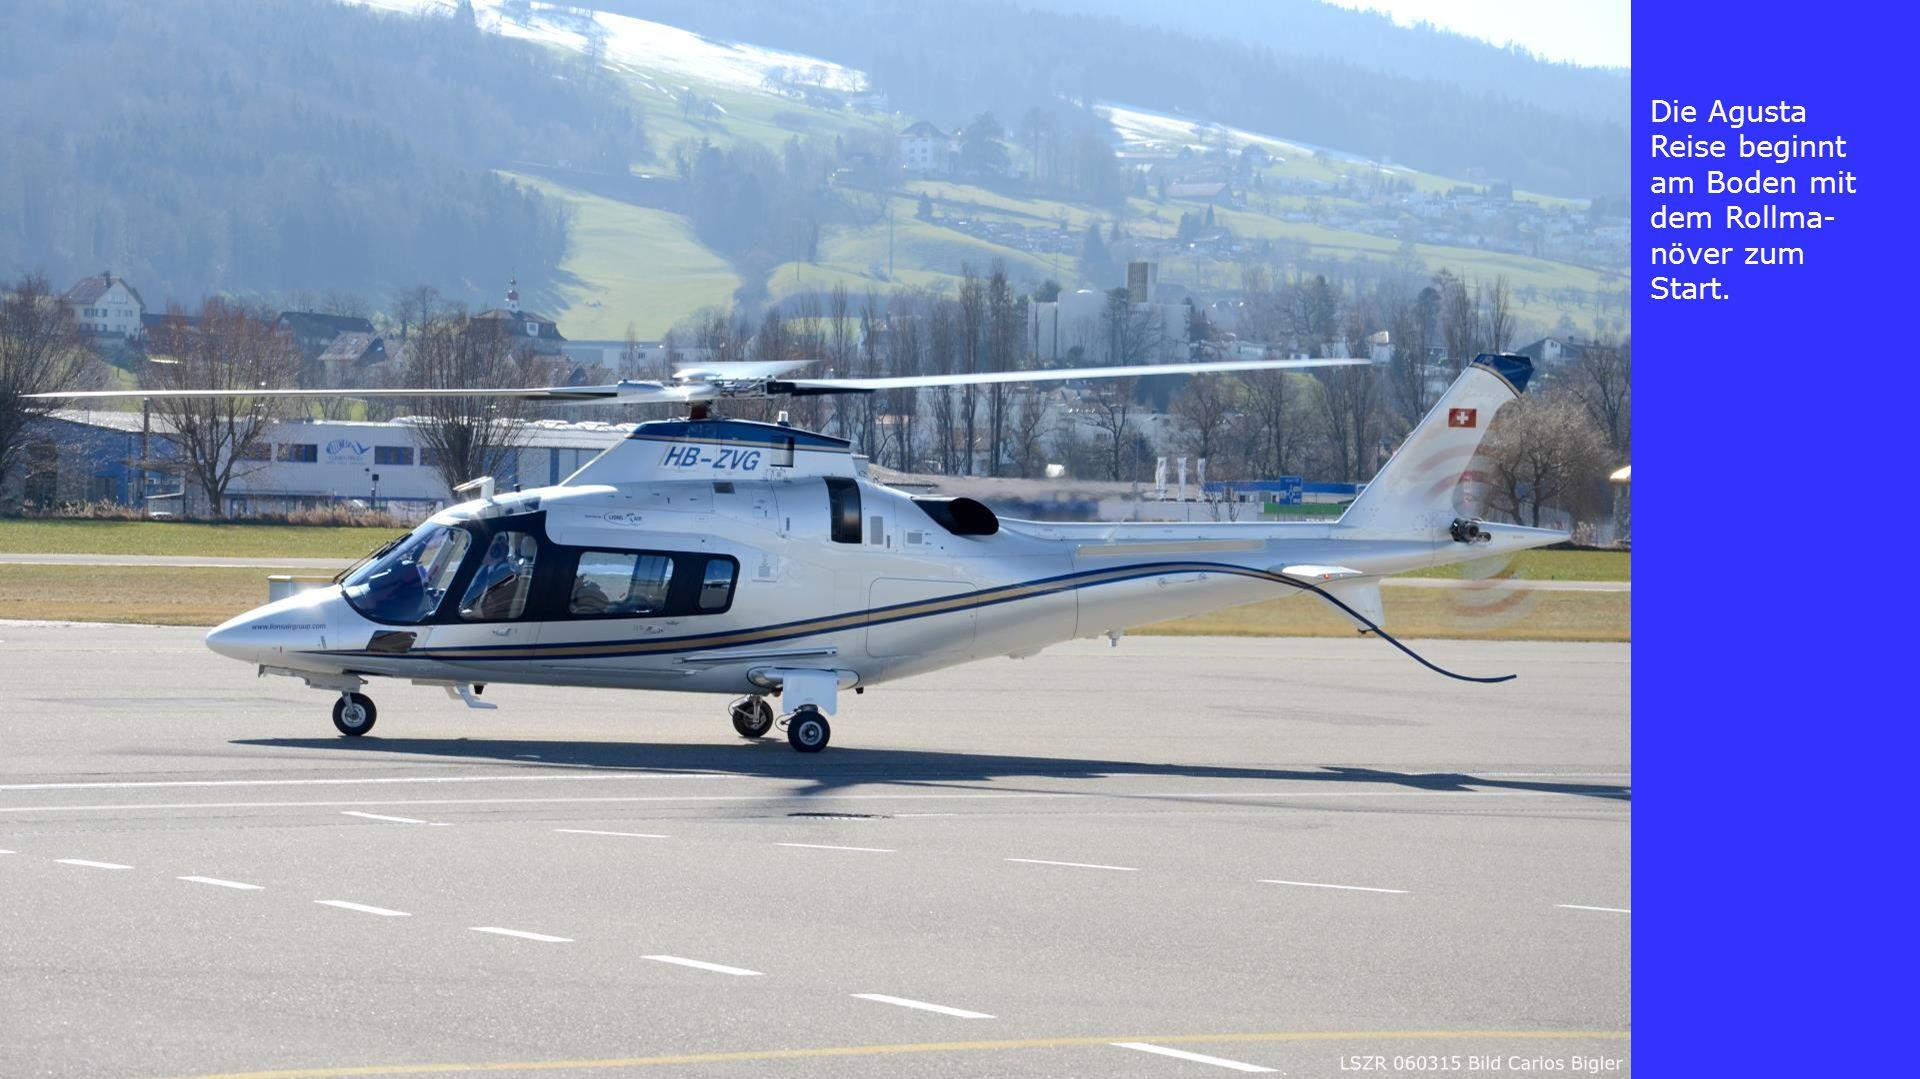 Die Agusta Reise beginnt am Boden mit dem Rollma-növer zum Start.